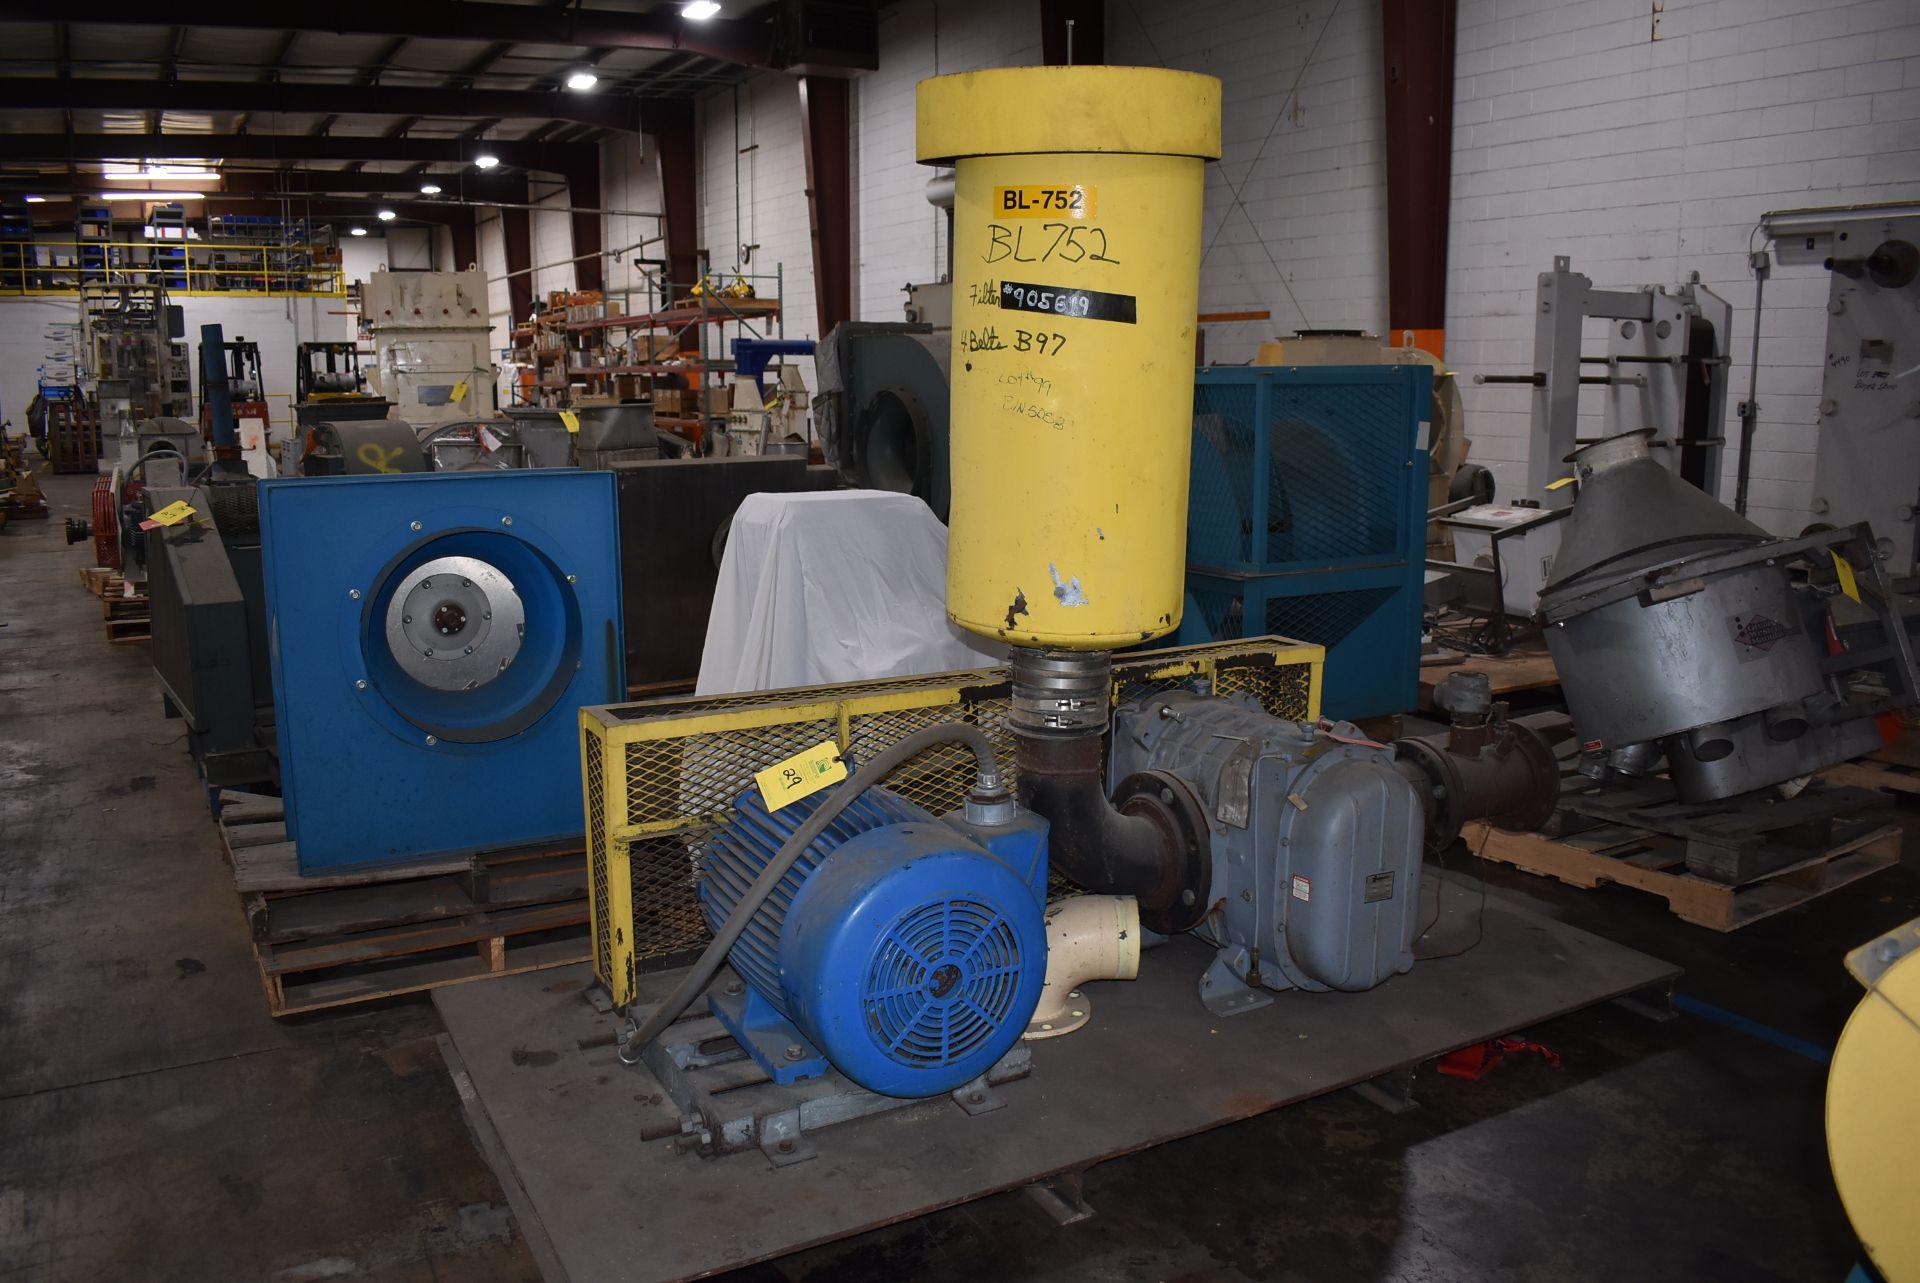 Gardner Denver Dura Flow System Catalog 7012 Vac Pump w/75 HP Motor - Image 4 of 4